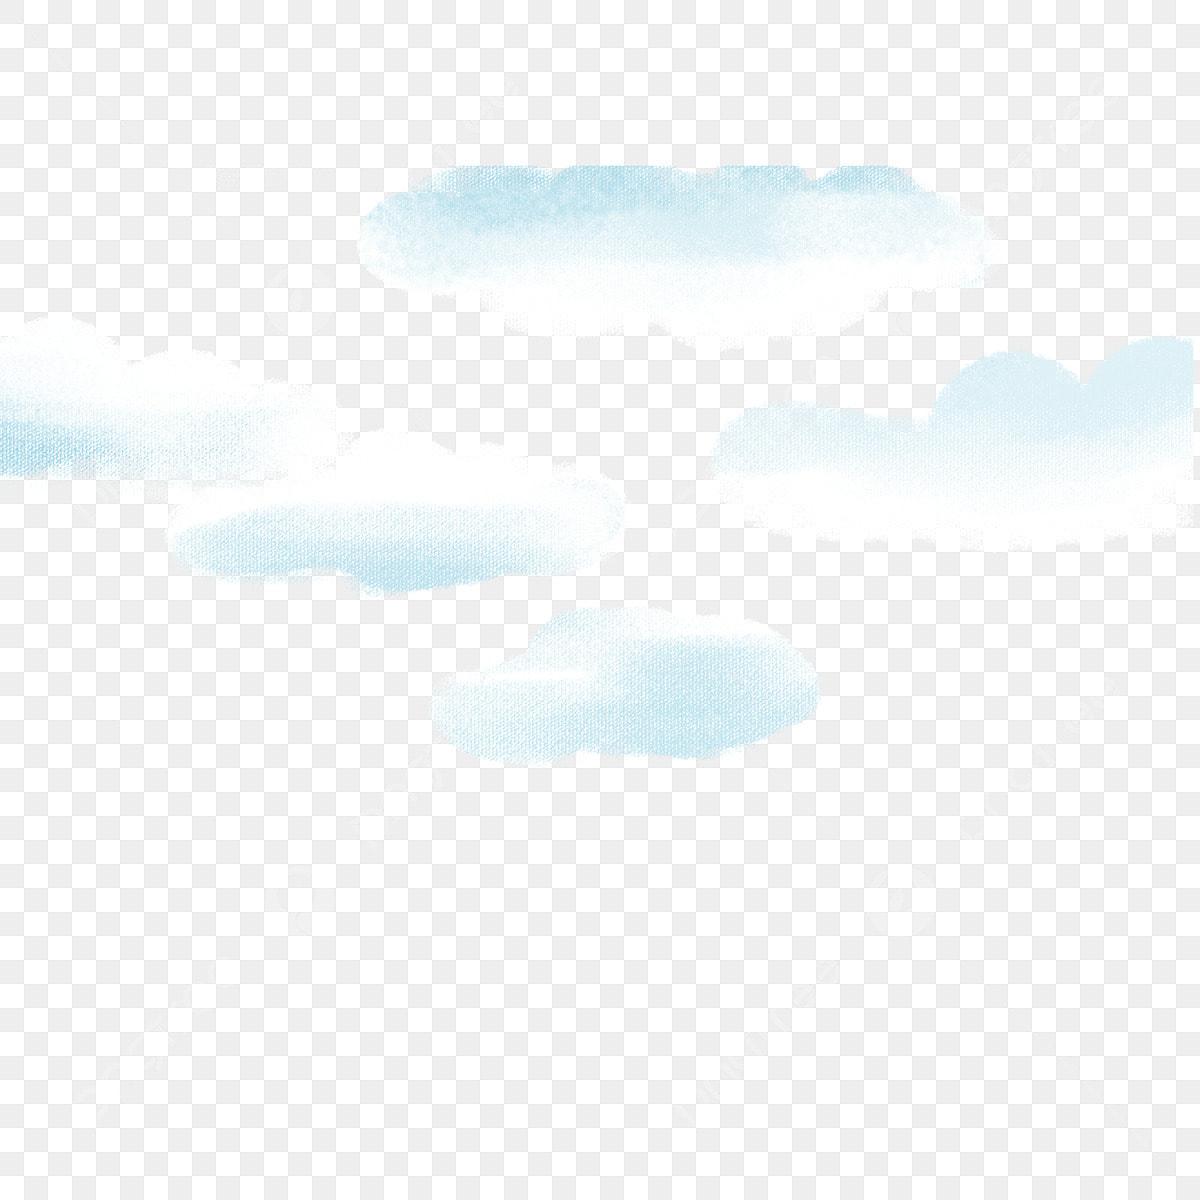 gambar langit awan putih yang cantik awan putih yang awan putih yang cantik indah png dan psd untuk muat turun percuma https ms pngtree com freepng beautiful white clouds 4739174 html